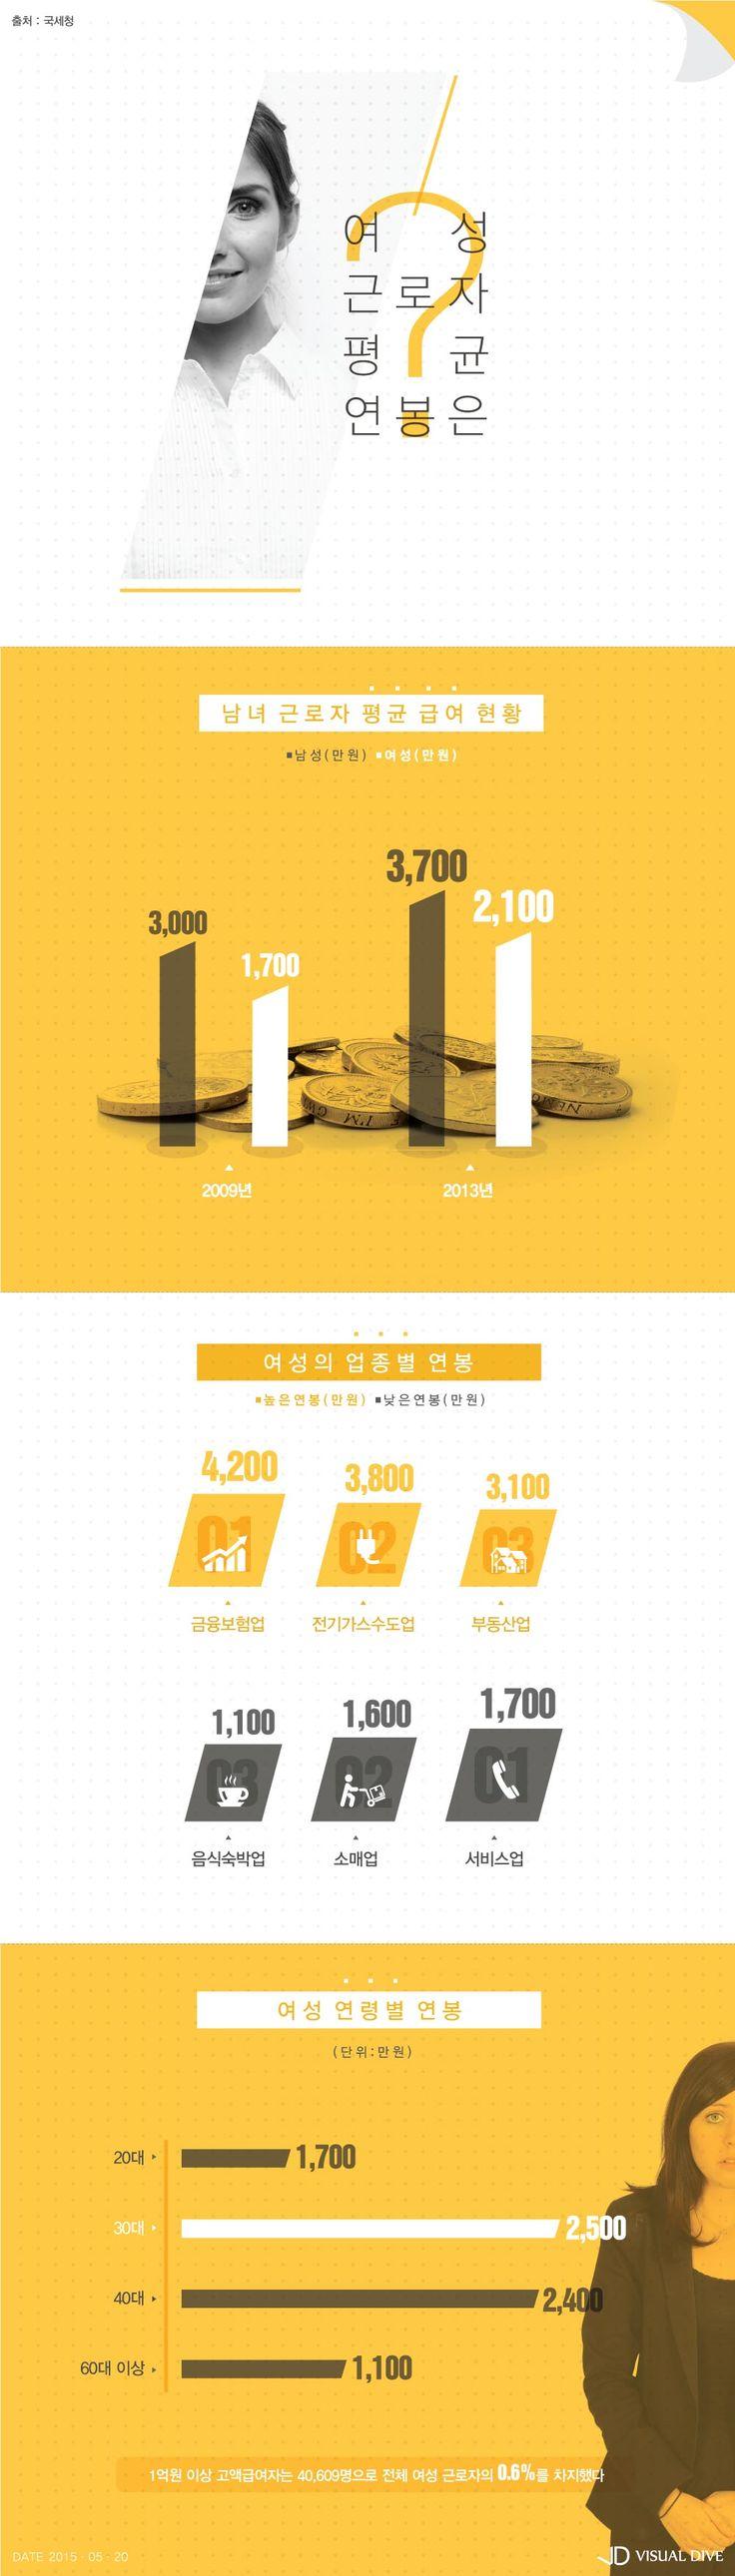 근로여성 평균연봉 2,100만원…남성의 57.5% 수준 [인포그래픽] #salary / #Infographic ⓒ 비주얼다이브 무단 복사·전재·재배포 금지